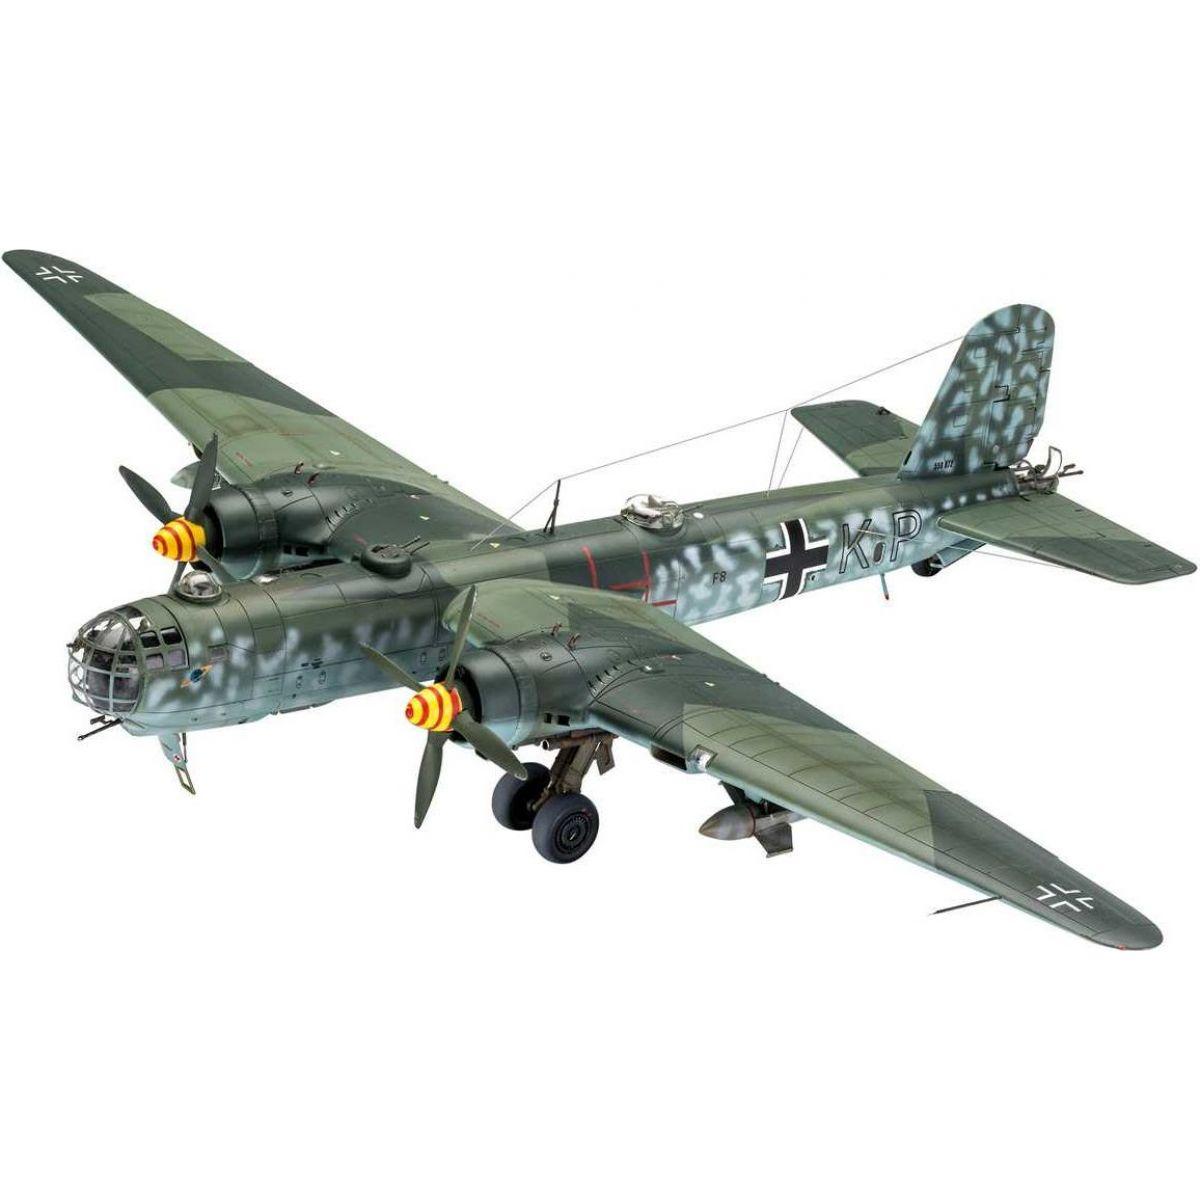 Revell Plastic ModelKit lietadlo 03913 Heinkel He177 A-5 Greif 1:72